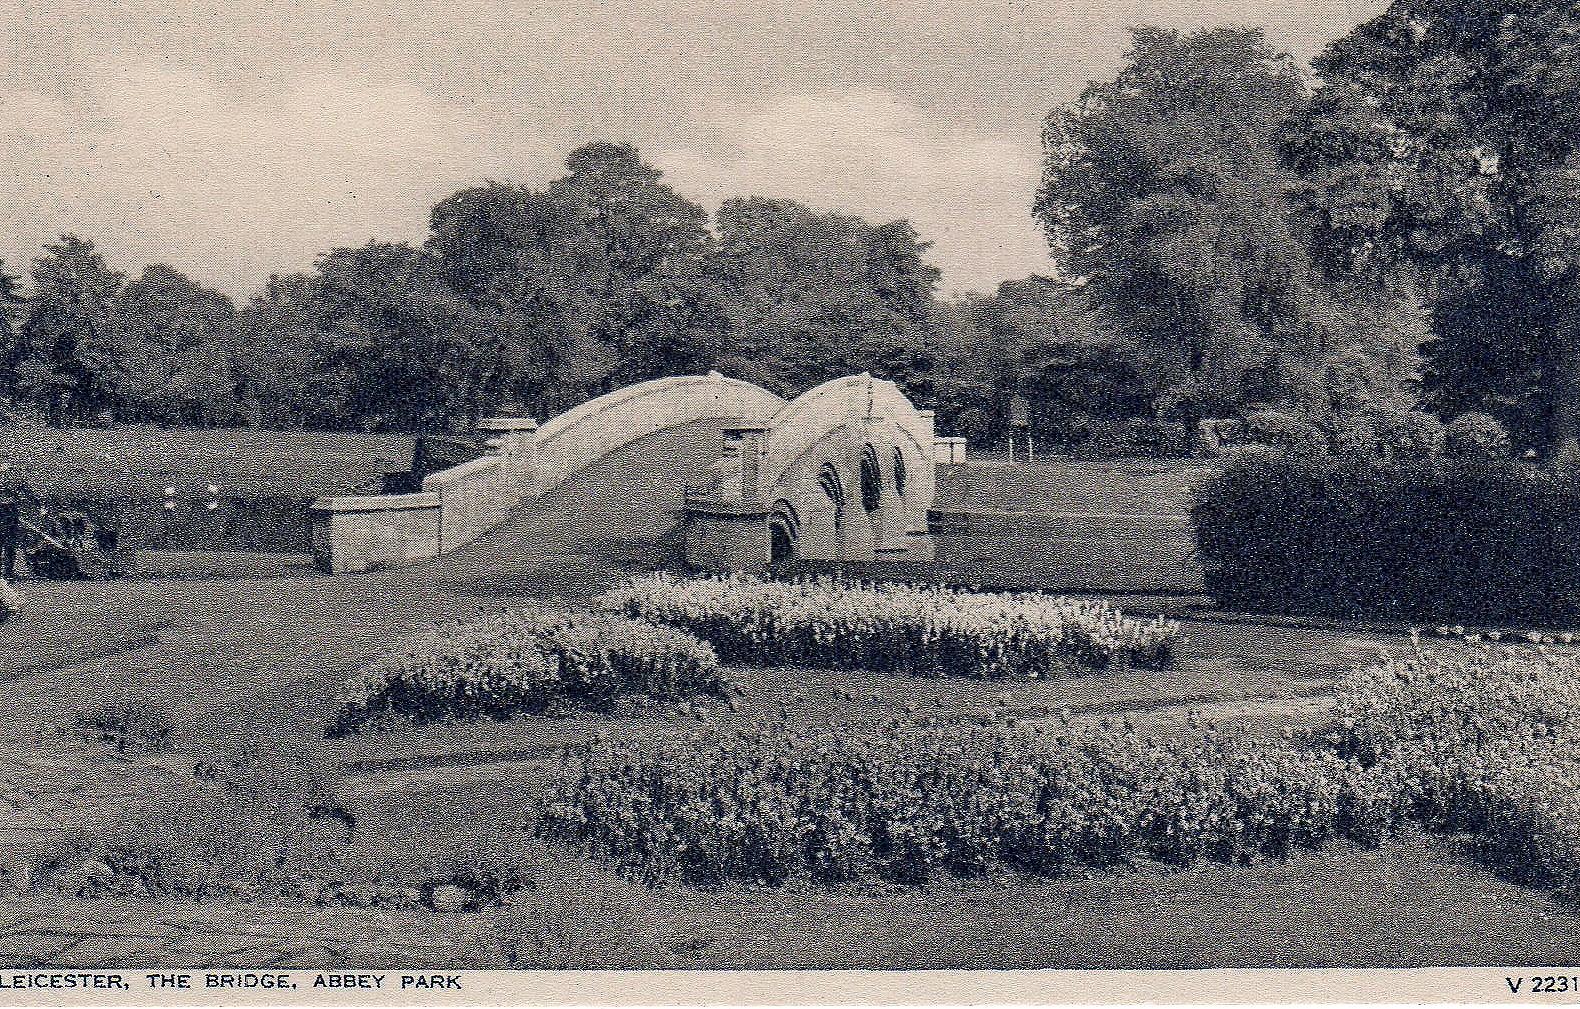 Abbey Park, Leicester. 1921-1940: The bridge (File:1531)